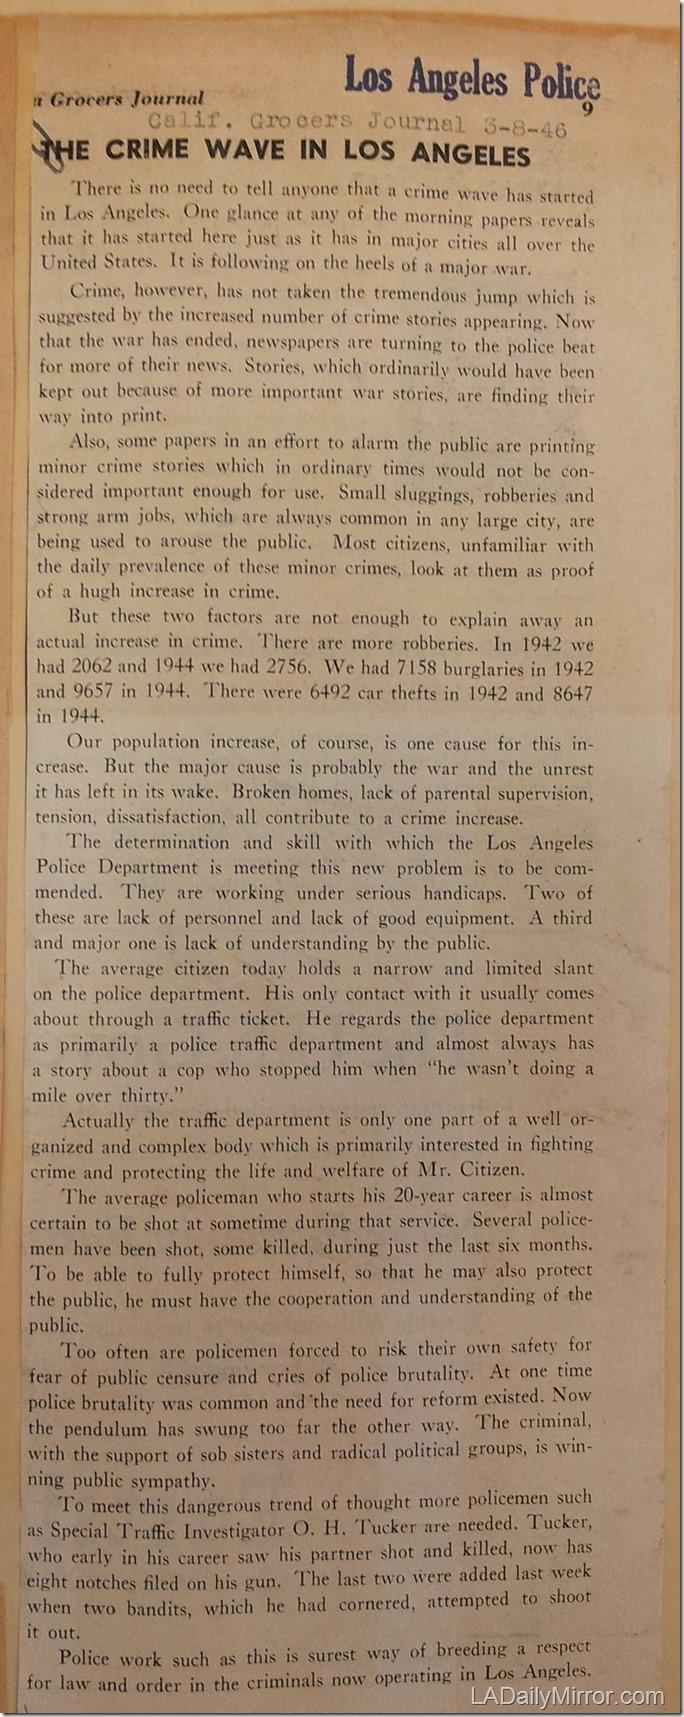 March 8, 1946, L.A. Crime Wave